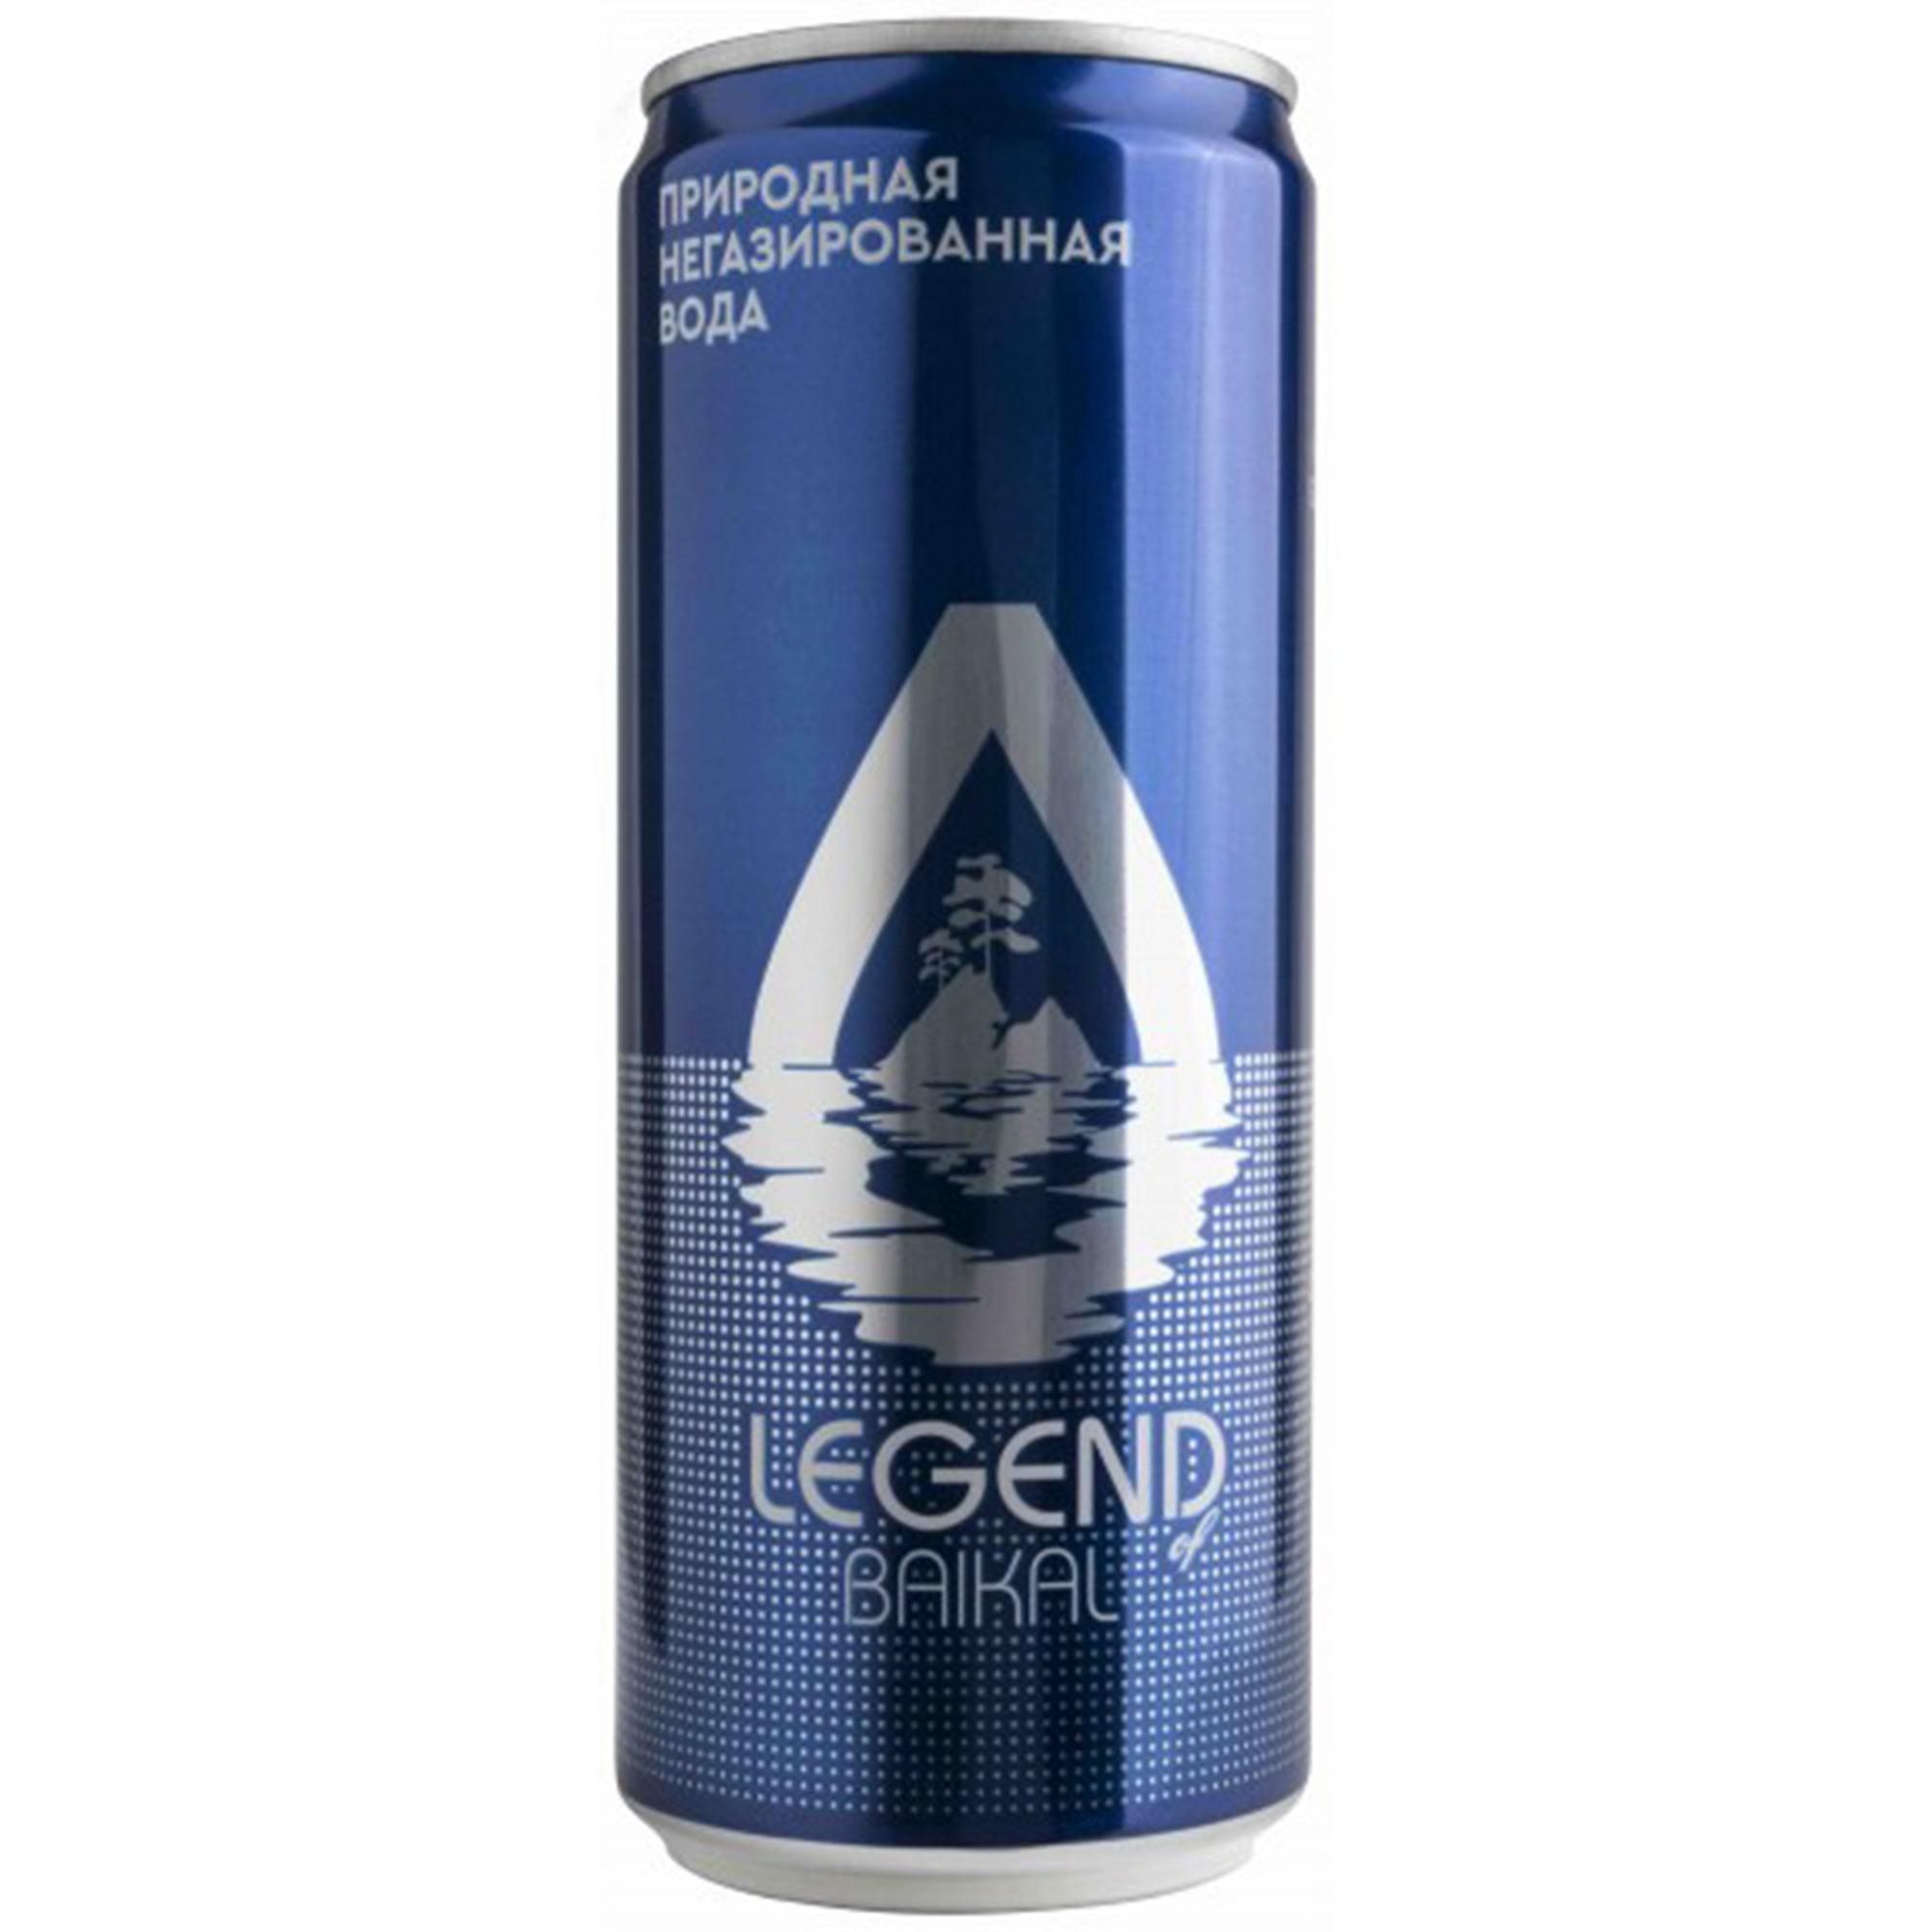 Вода питьевая Legend of Baikal глубинная негазированная 330 мл